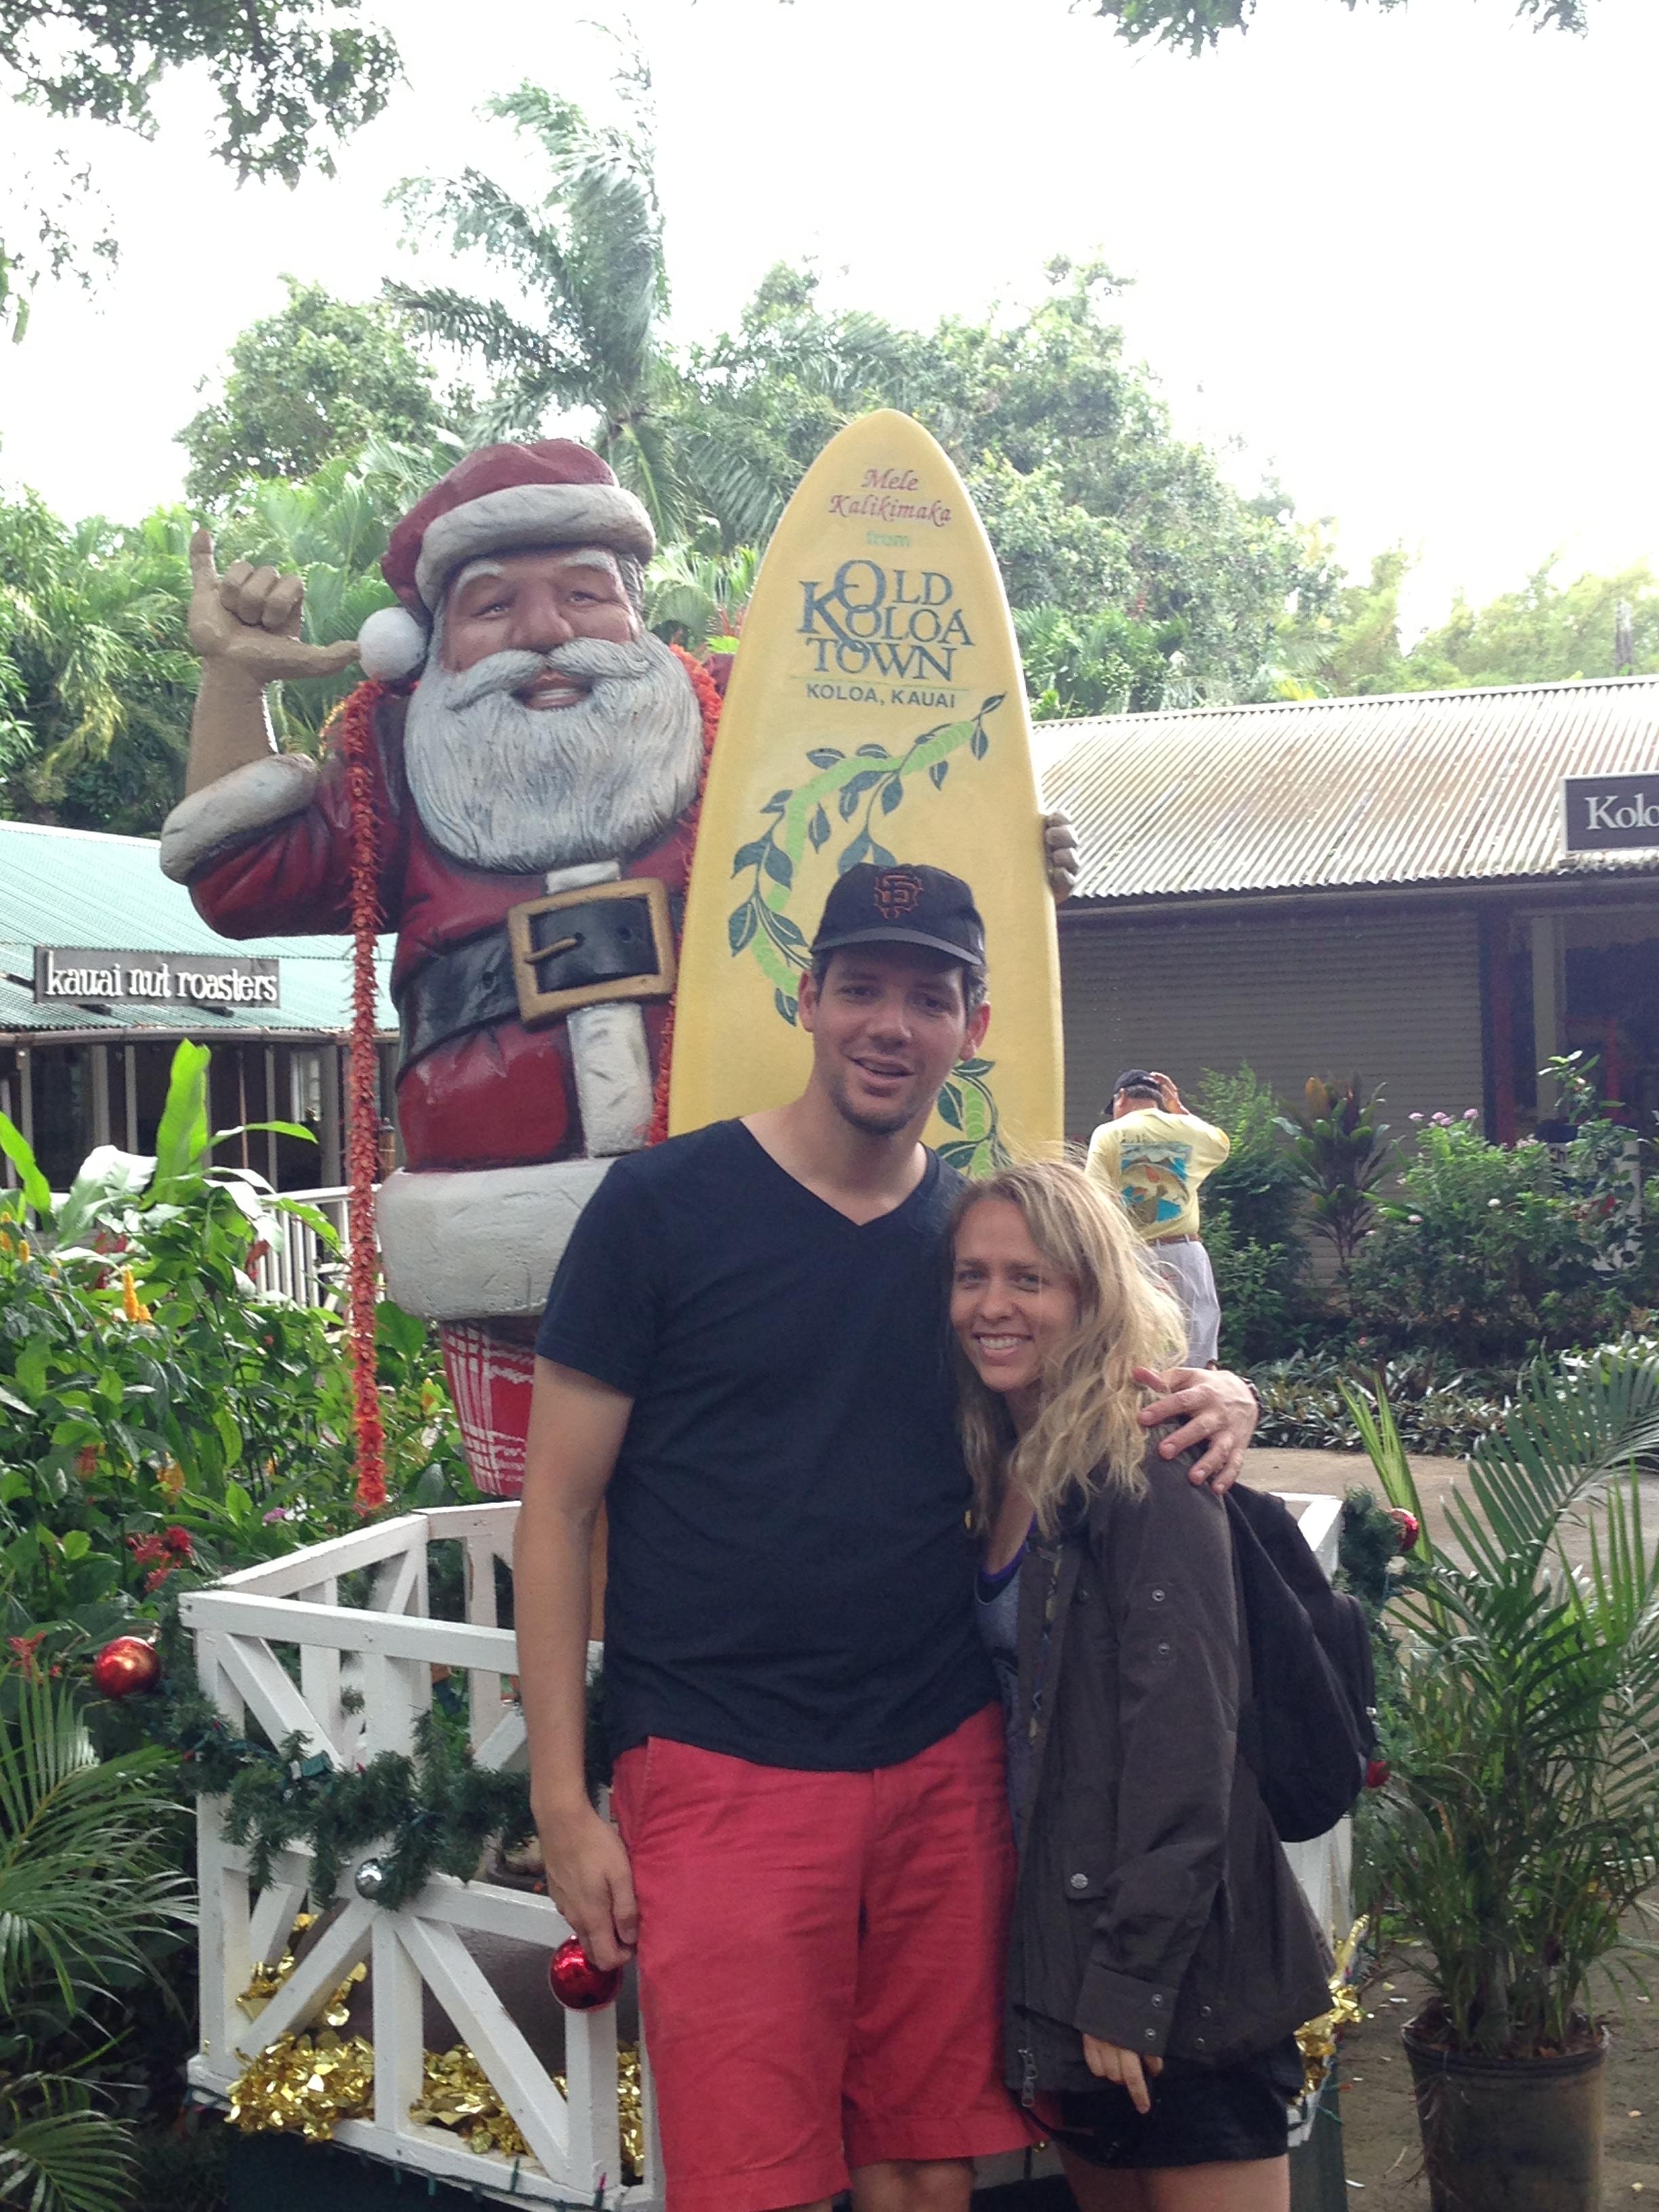 Poipu Beach Center with Santa Claus.